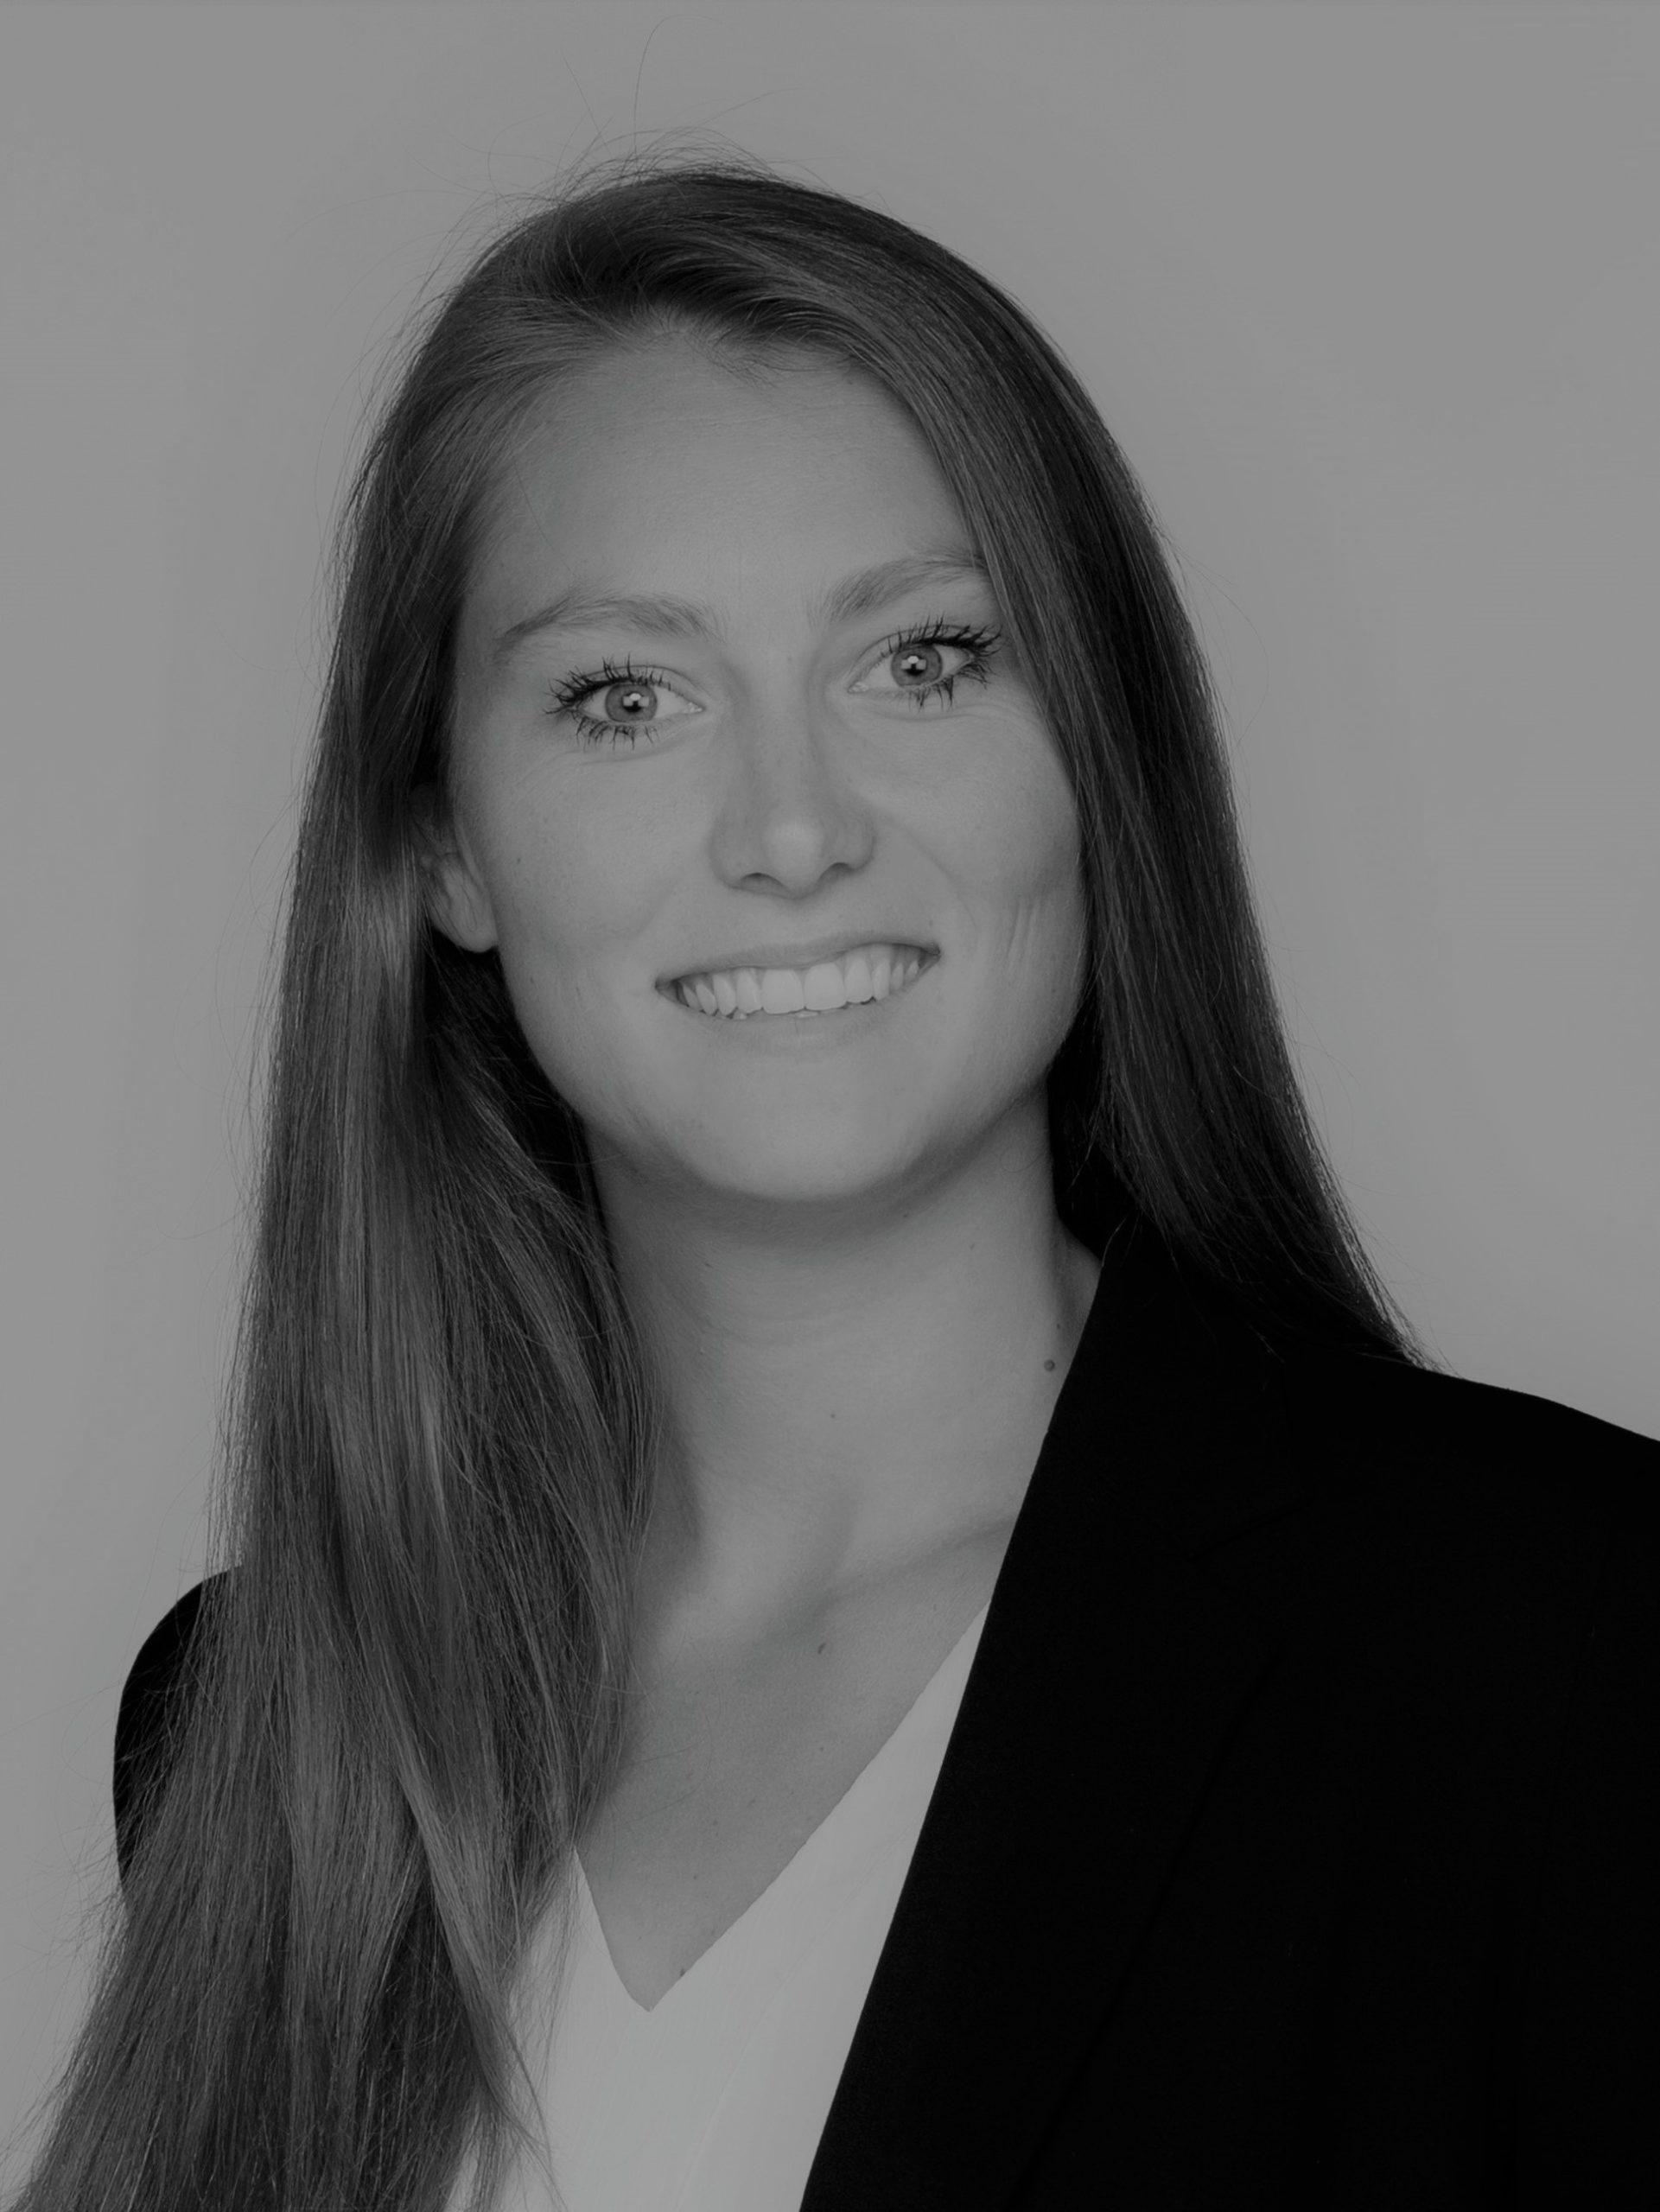 Catherine Lischewski